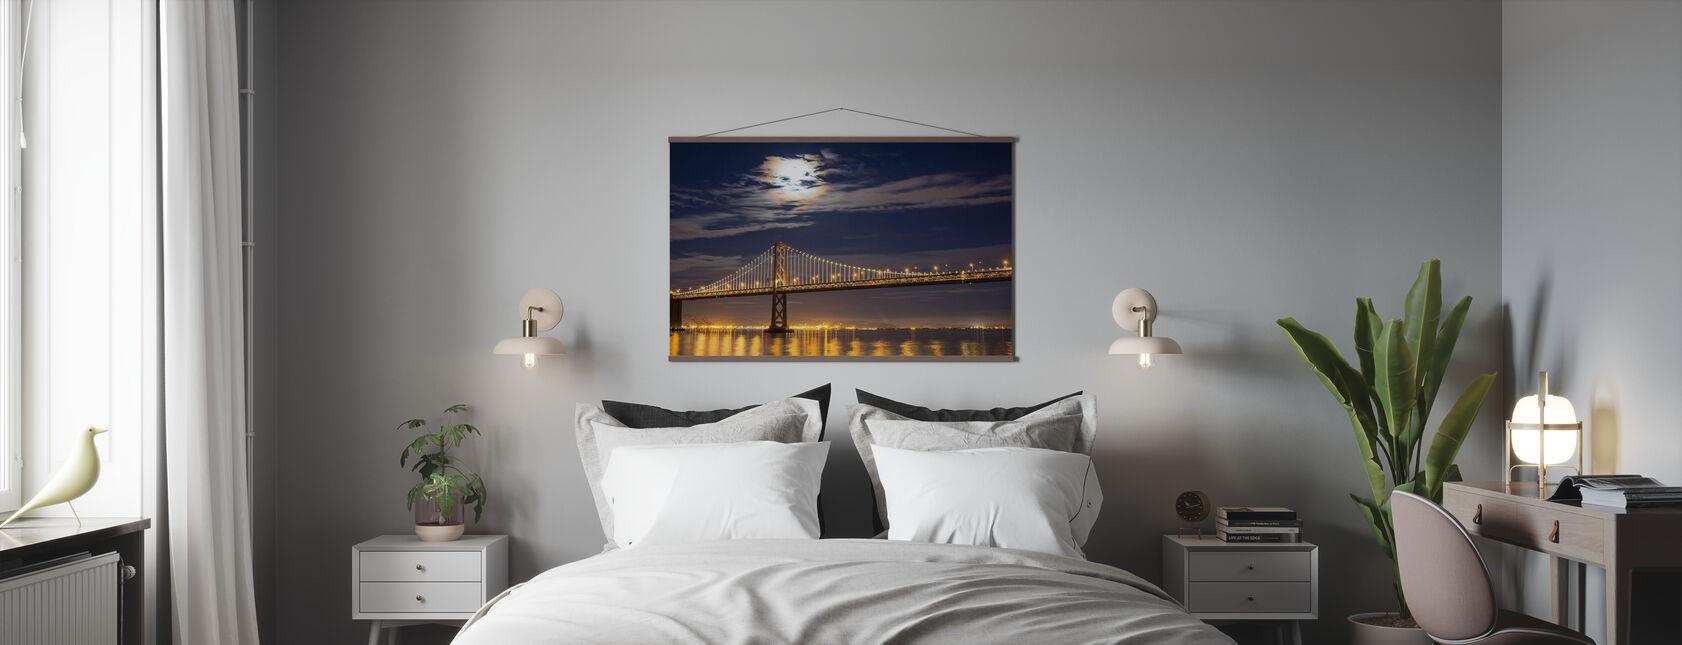 Moonrise over Bay Bridge - Plakat - Soverom